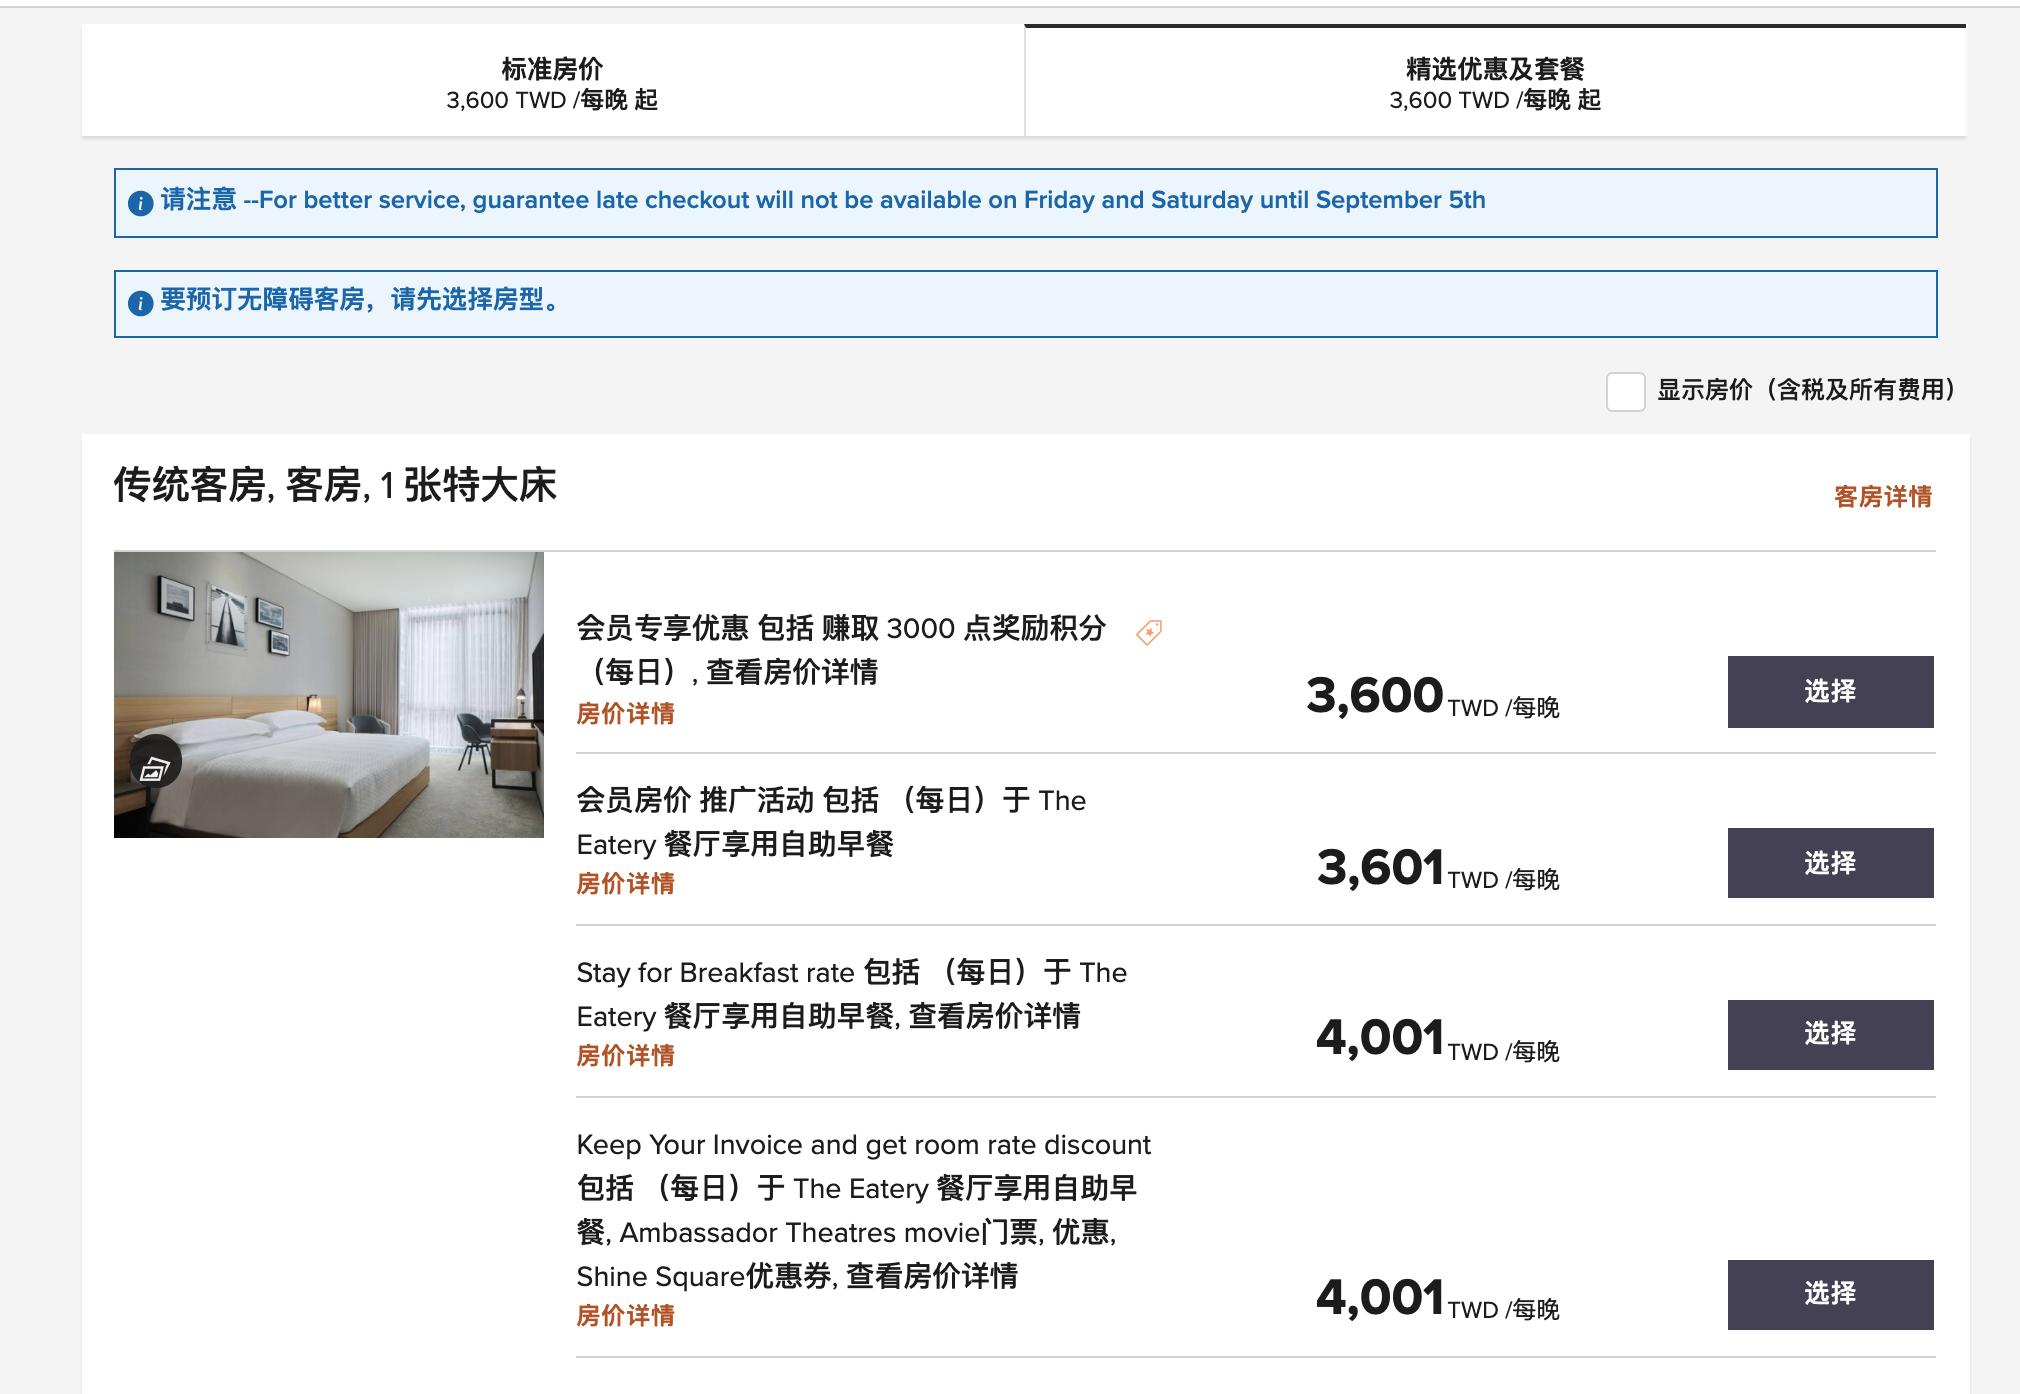 林口福朋喜來登,憑發票可折抵房費~最高折抵1500還送票喔~10/31止